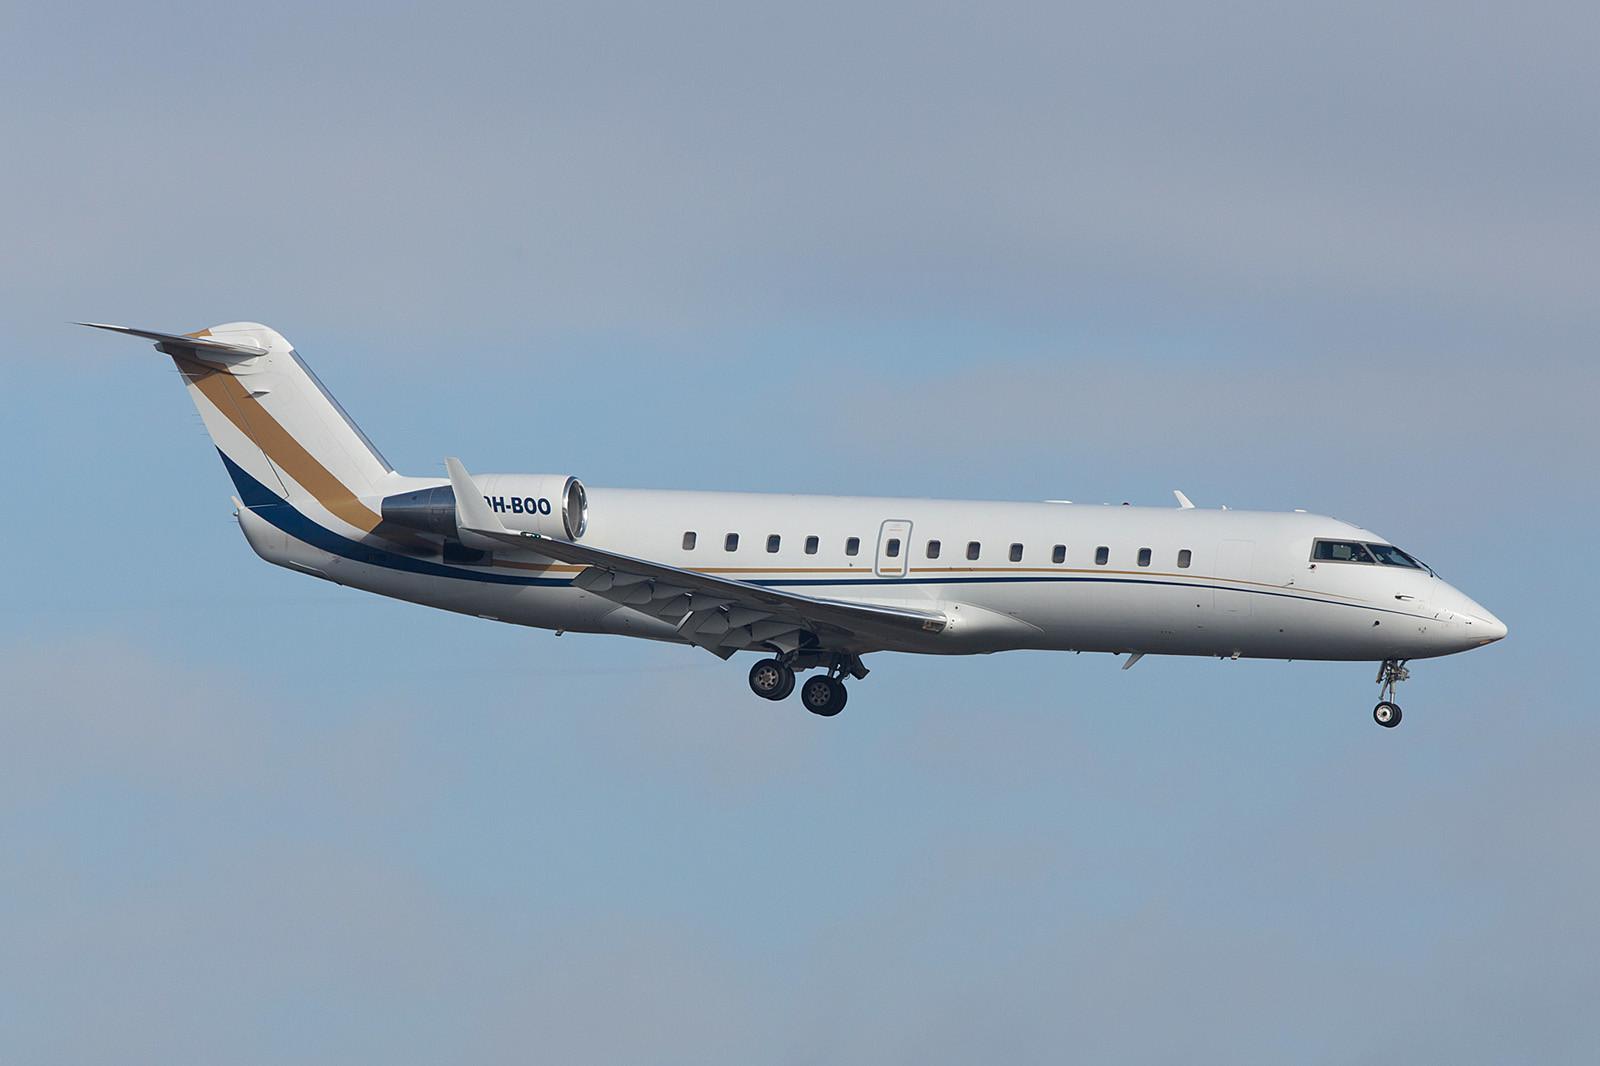 9H-BOO; Air X Charter CRJ-200